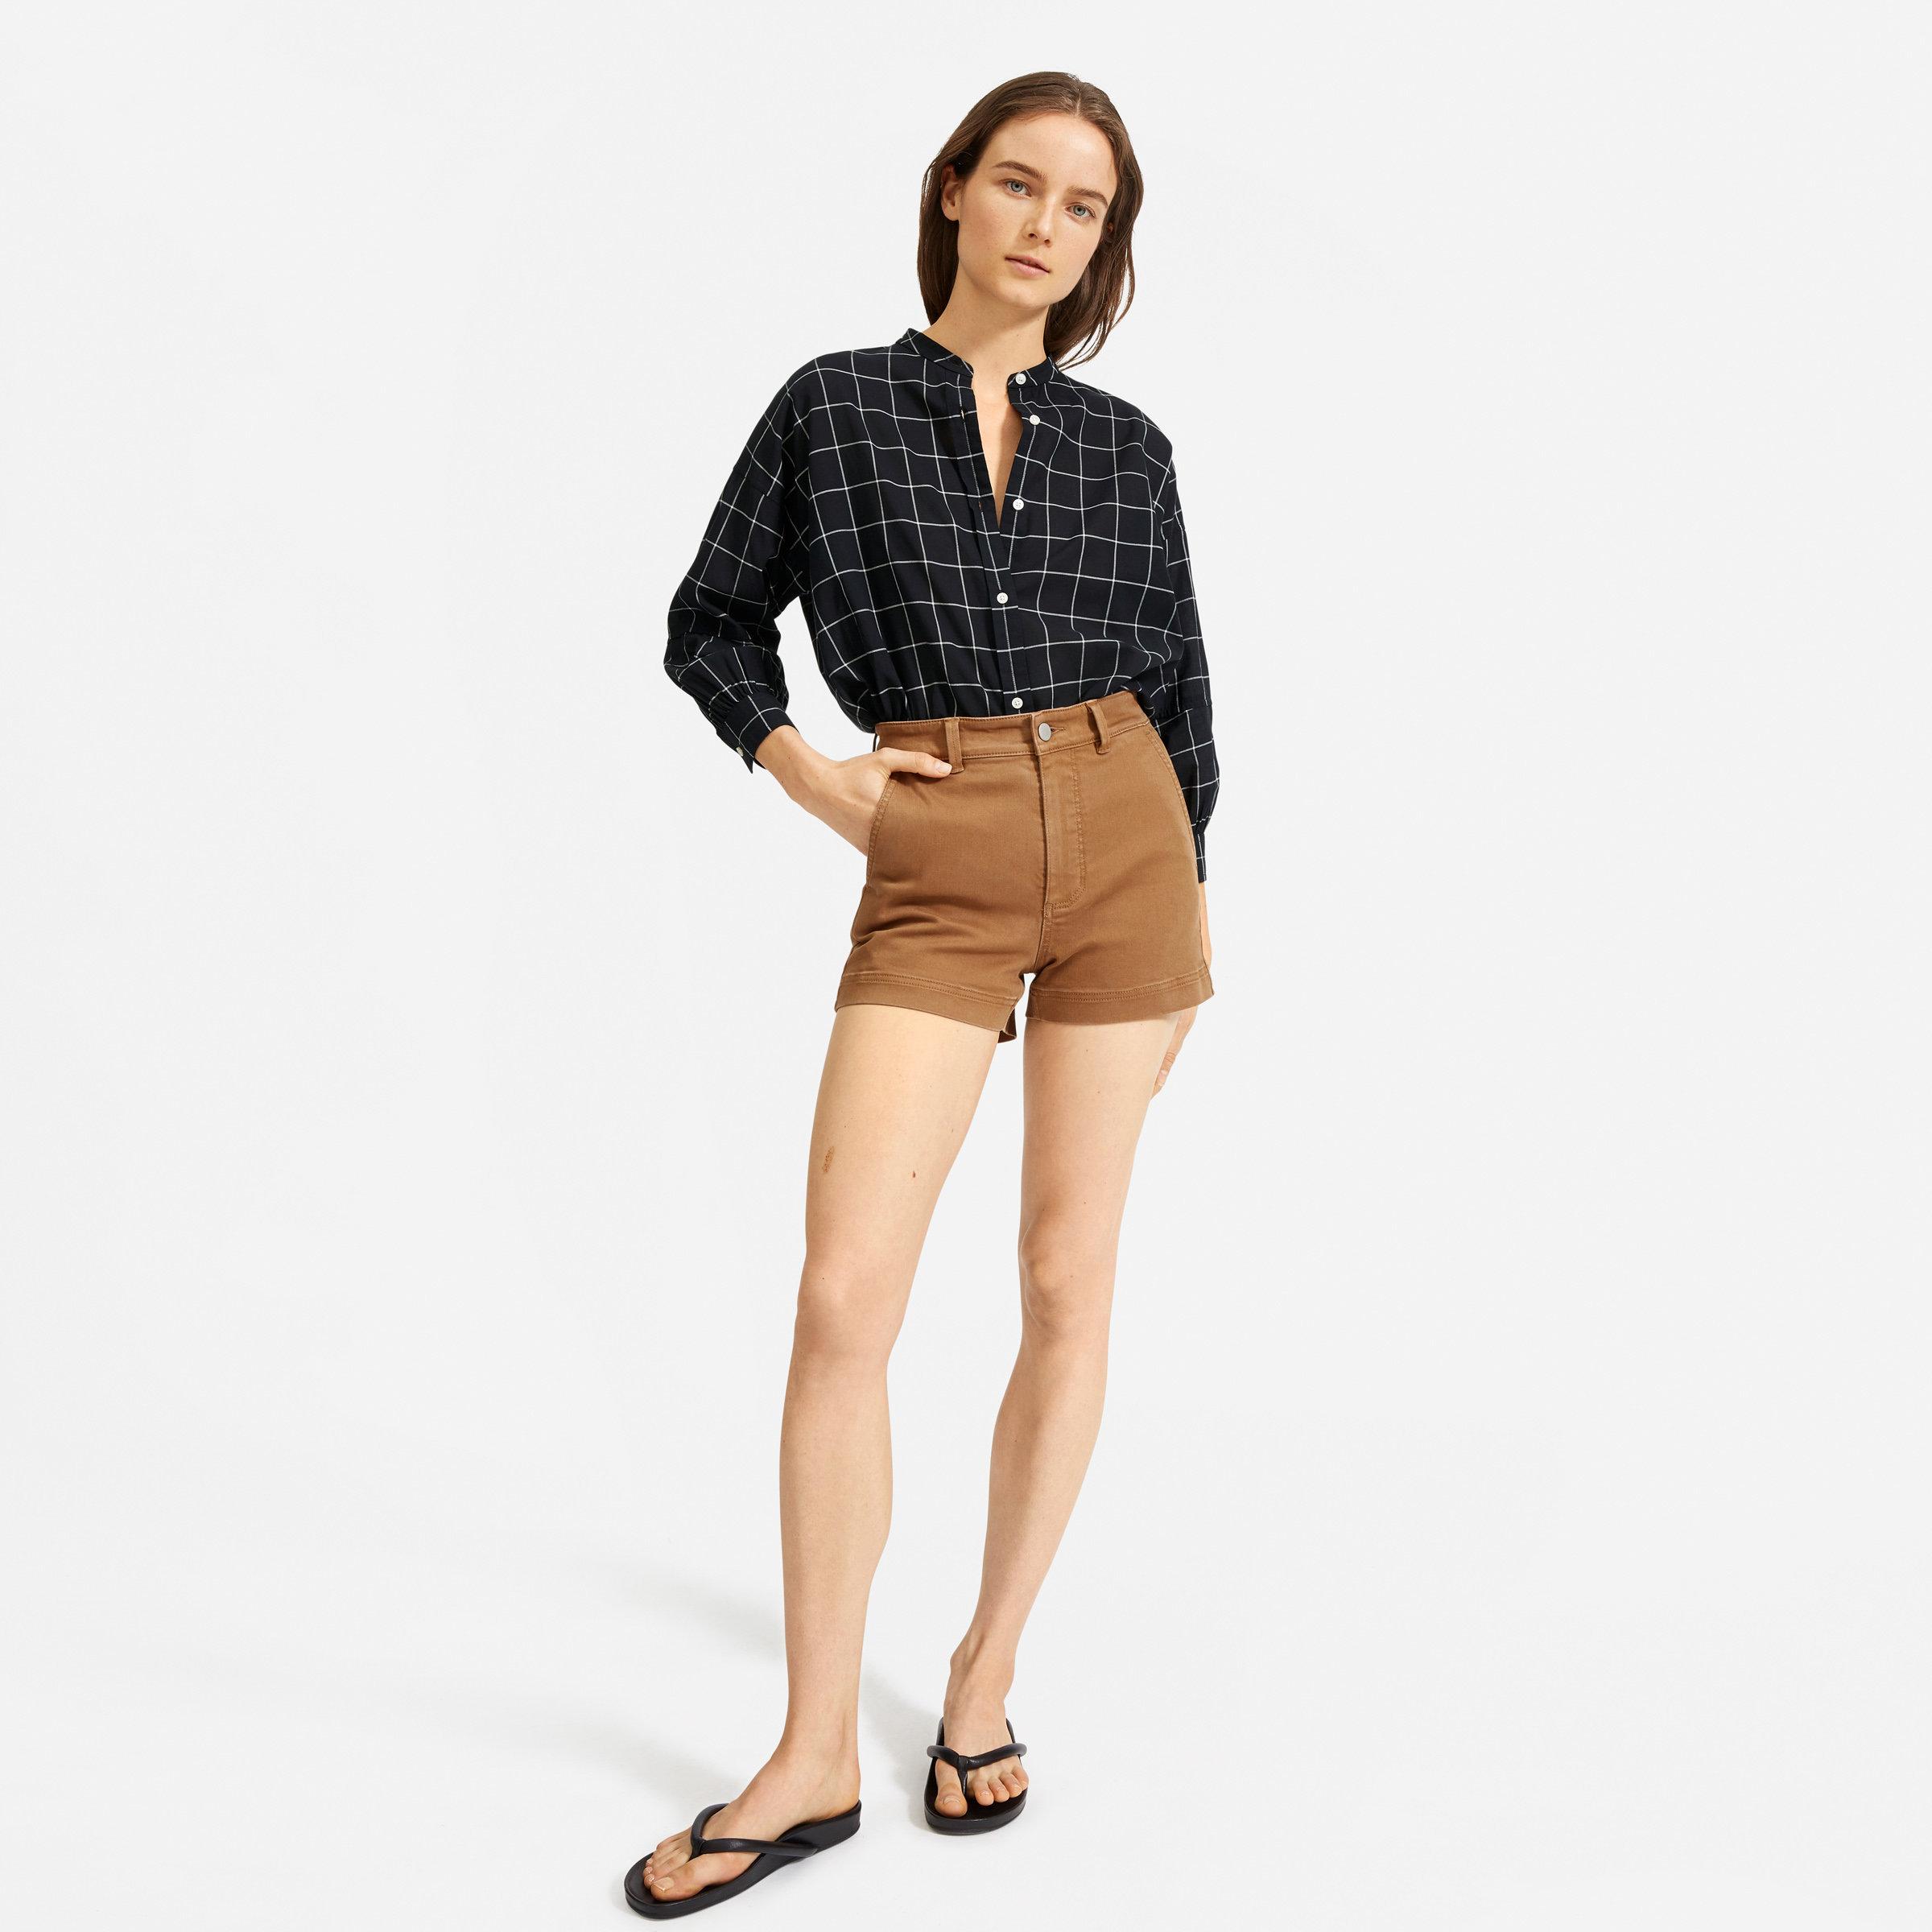 a44652814 Women's Shirts, Tops & Silk Blouses | Everlane